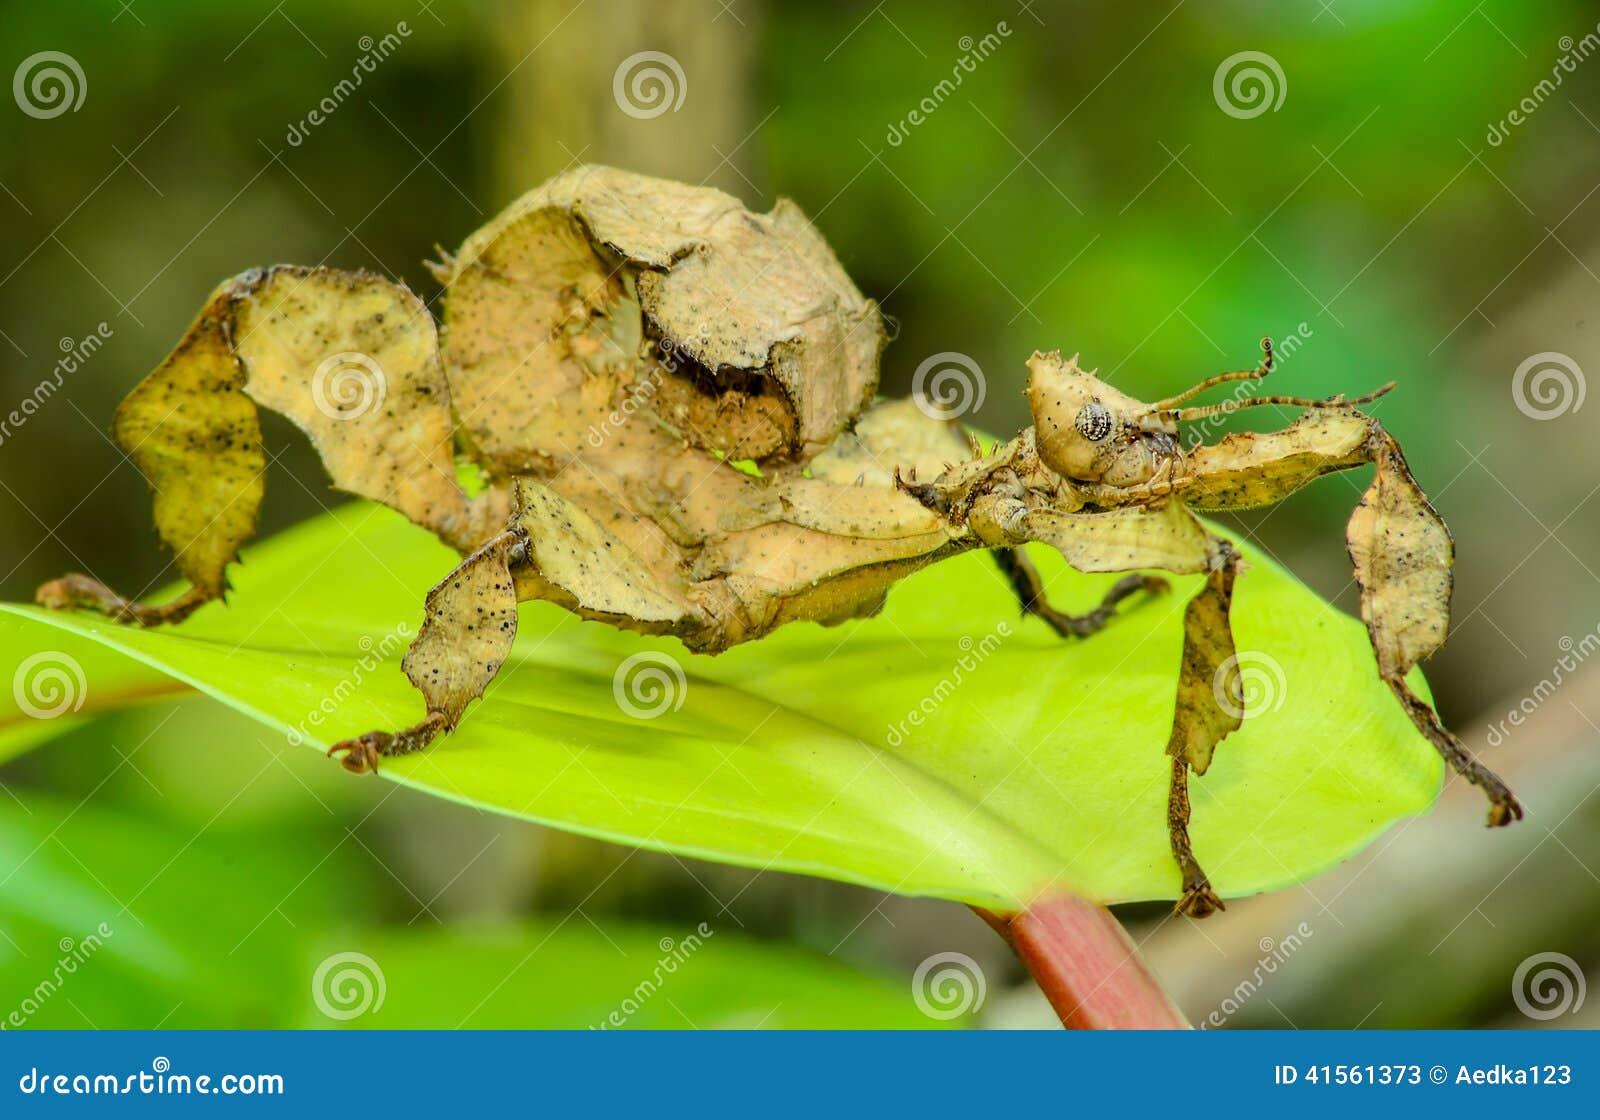 Insecto de hoja espinoso